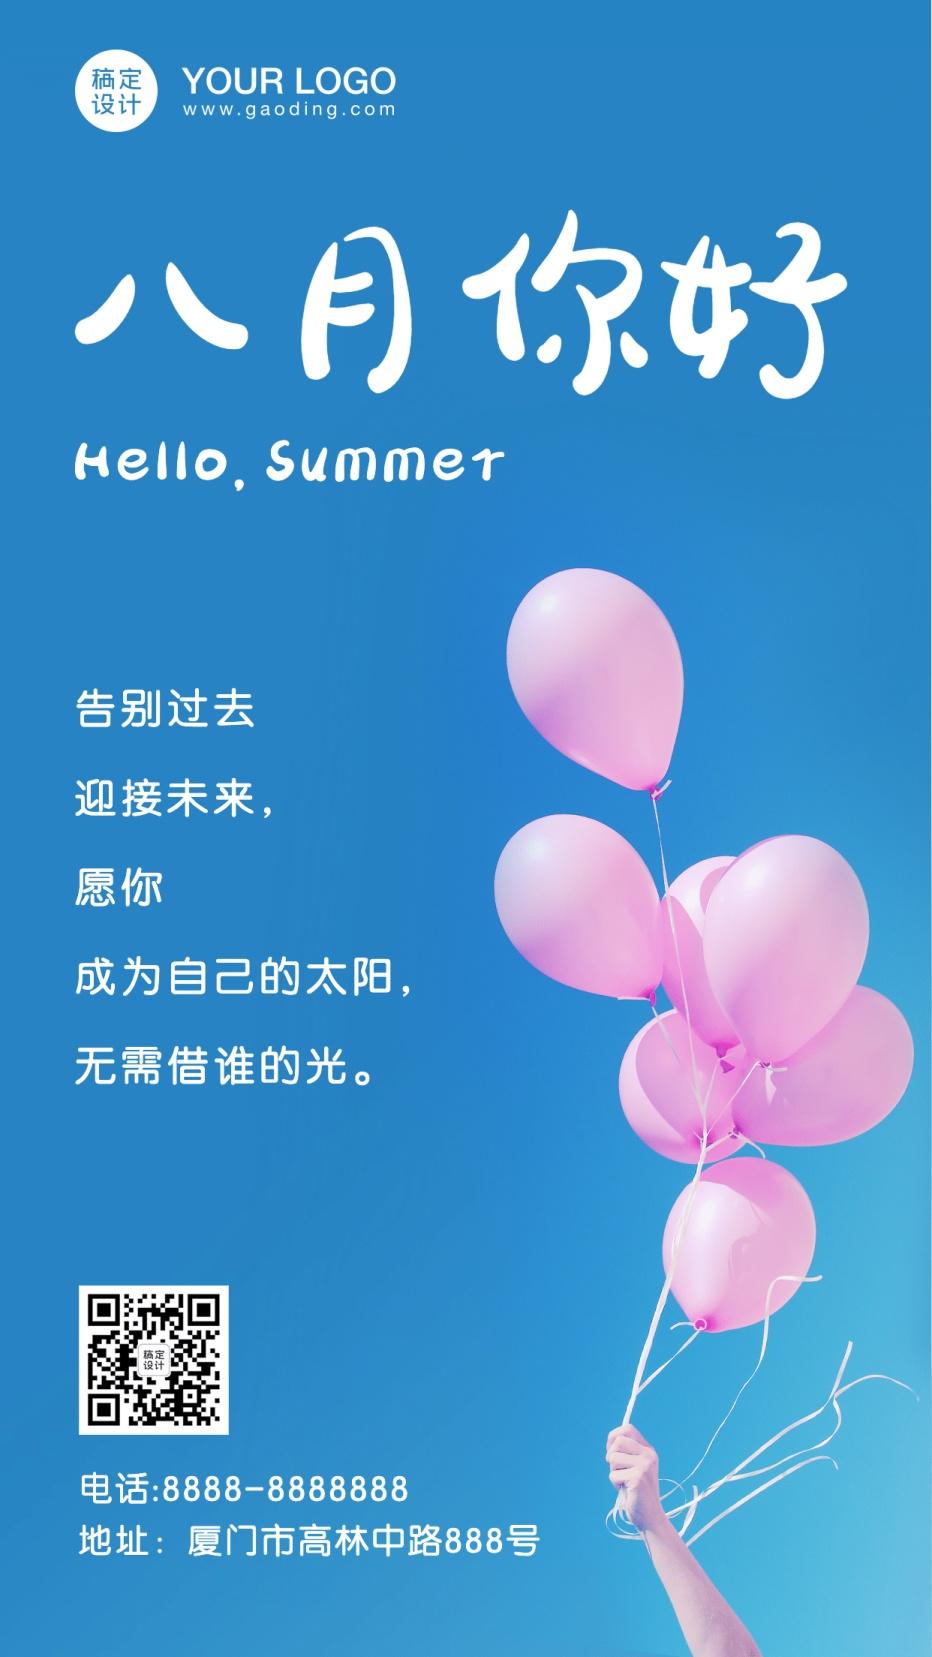 八月问候月初你好早安祝福手机海报